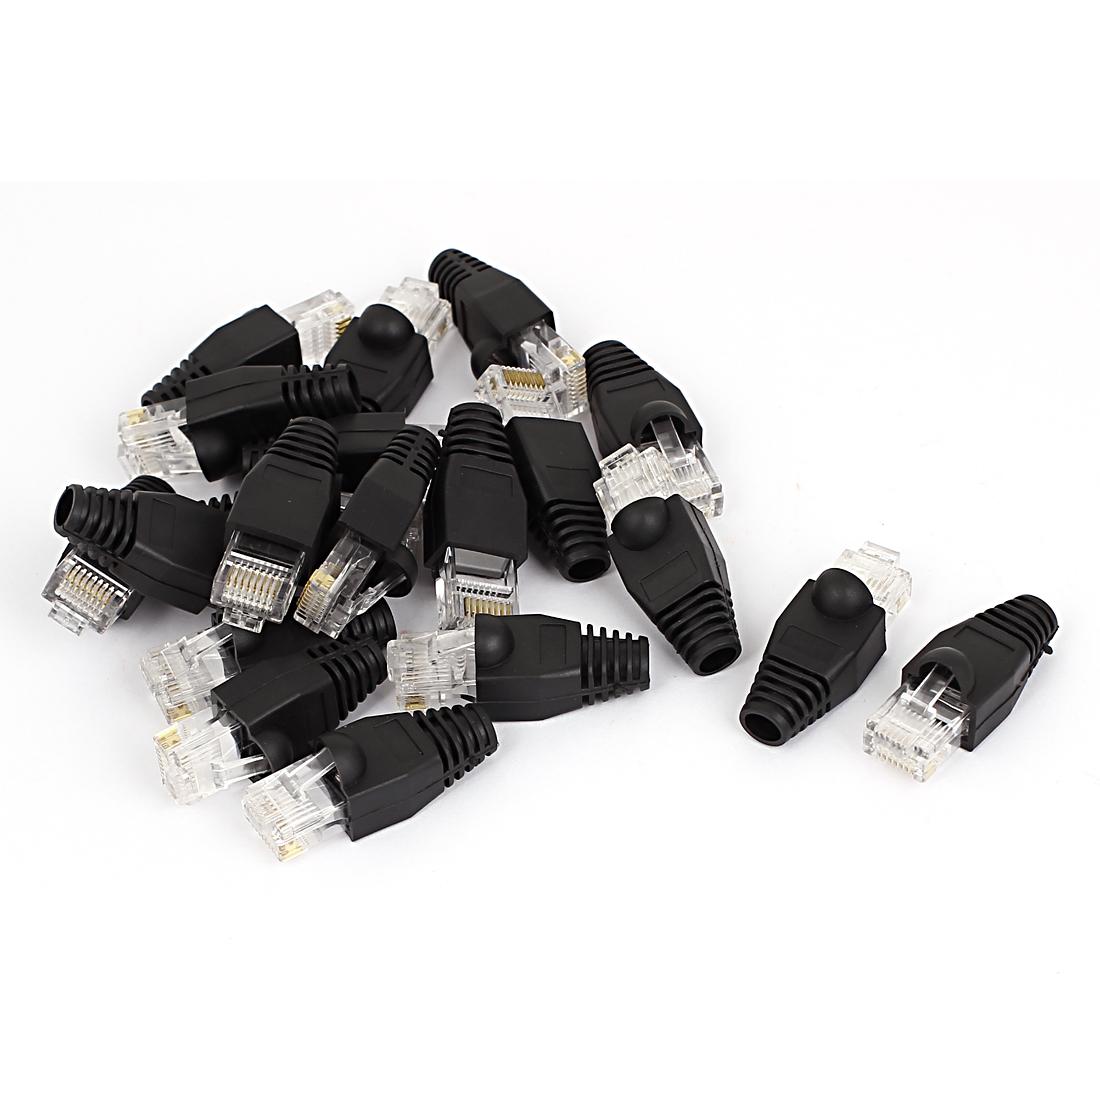 20 Pcs Shielded 8P8C RJ45 Ethernet Adapter Connectors w Boots Cover Black